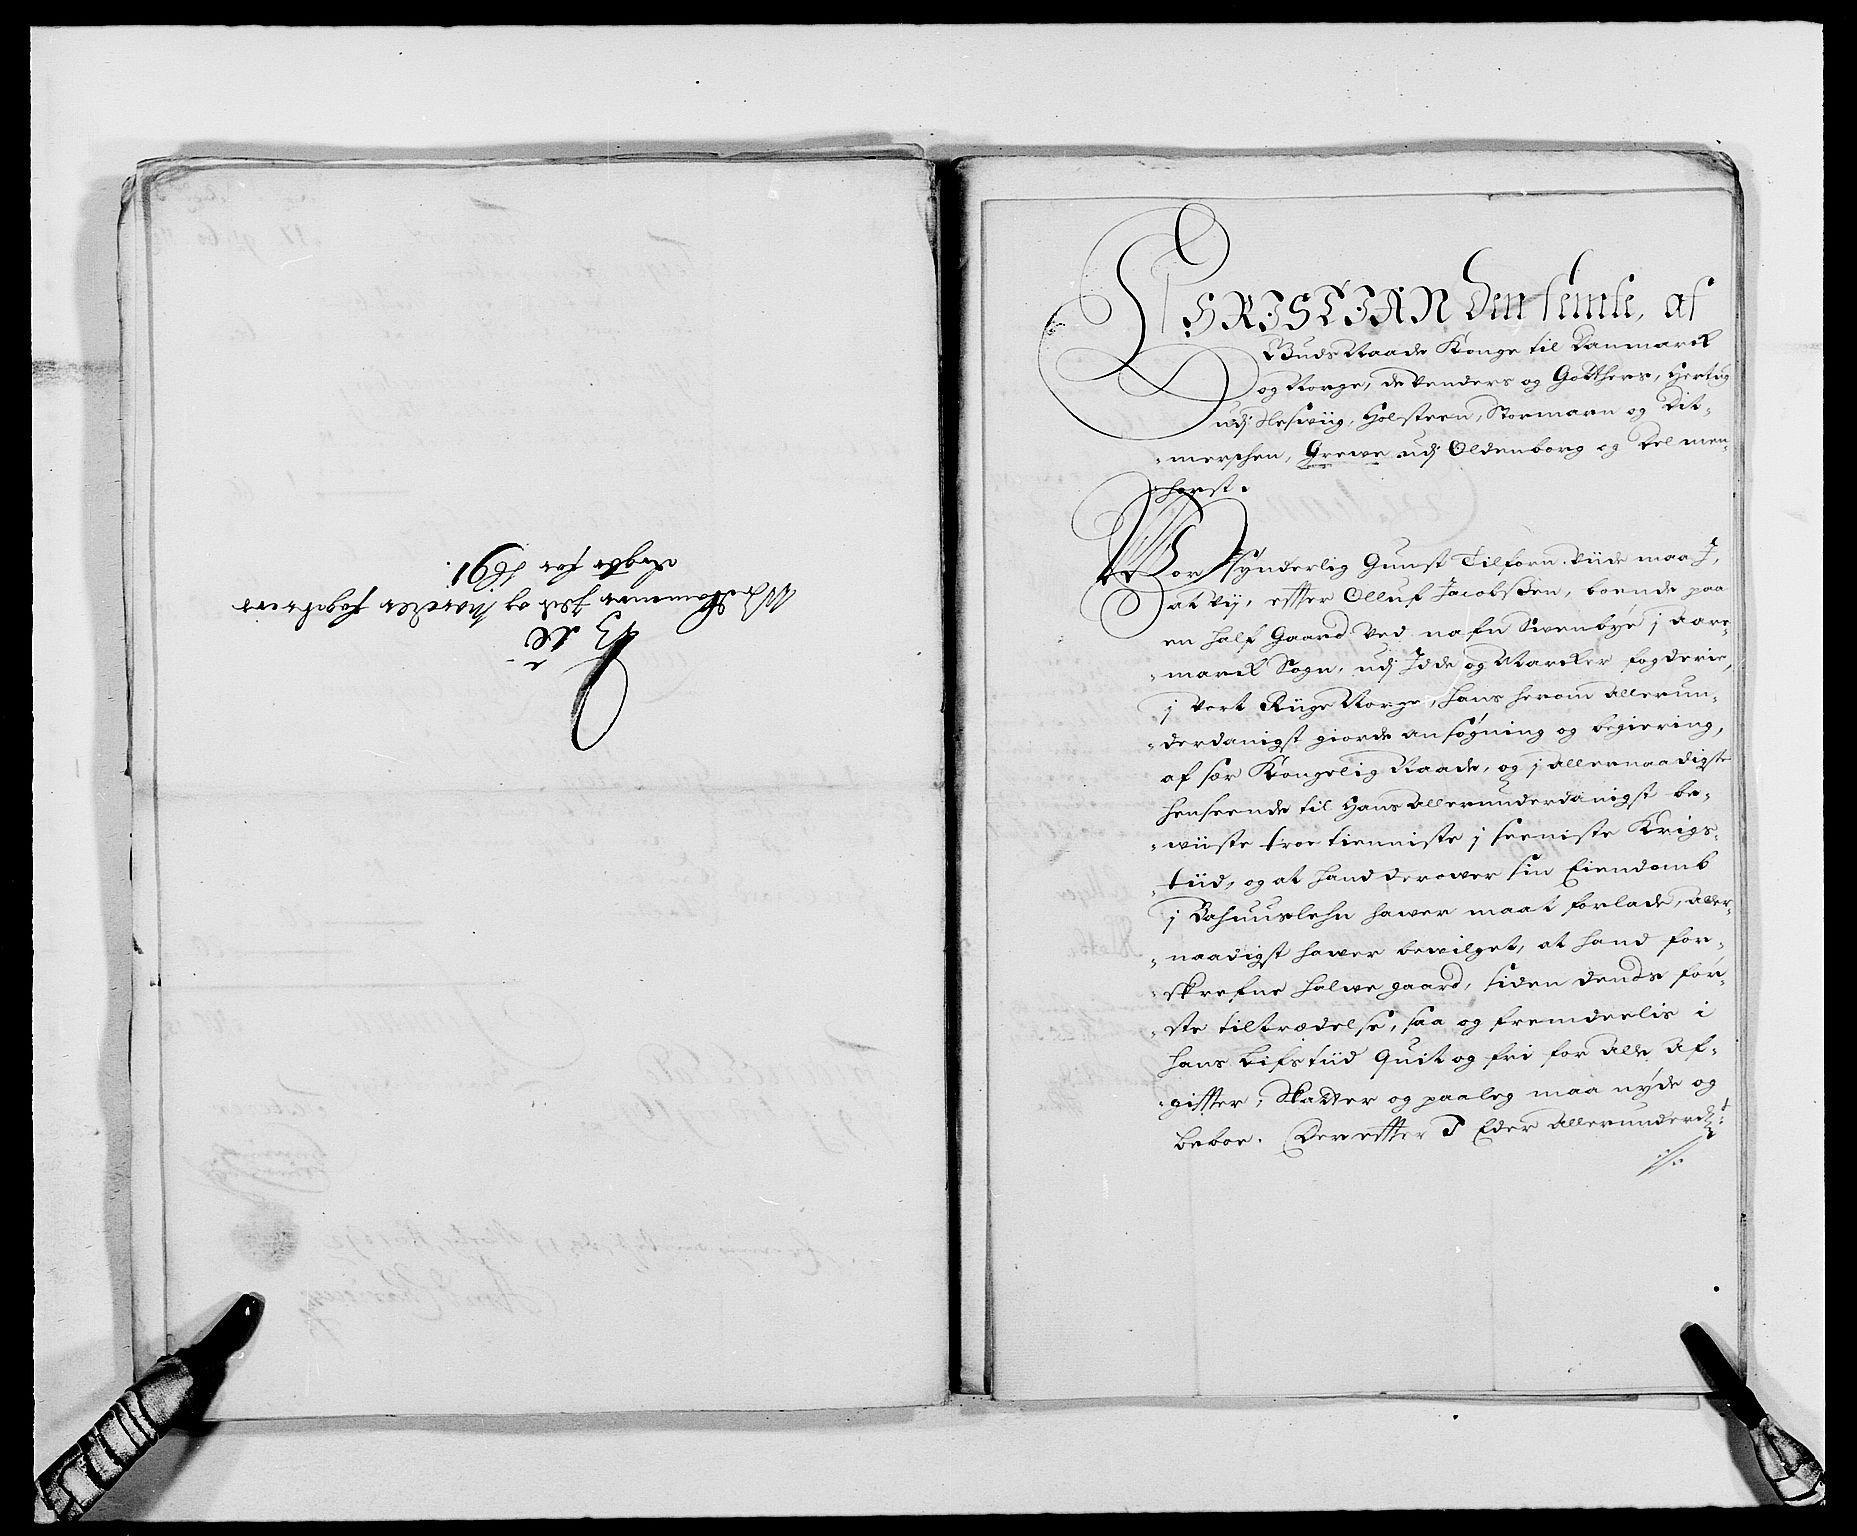 RA, Rentekammeret inntil 1814, Reviderte regnskaper, Fogderegnskap, R01/L0010: Fogderegnskap Idd og Marker, 1690-1691, s. 84